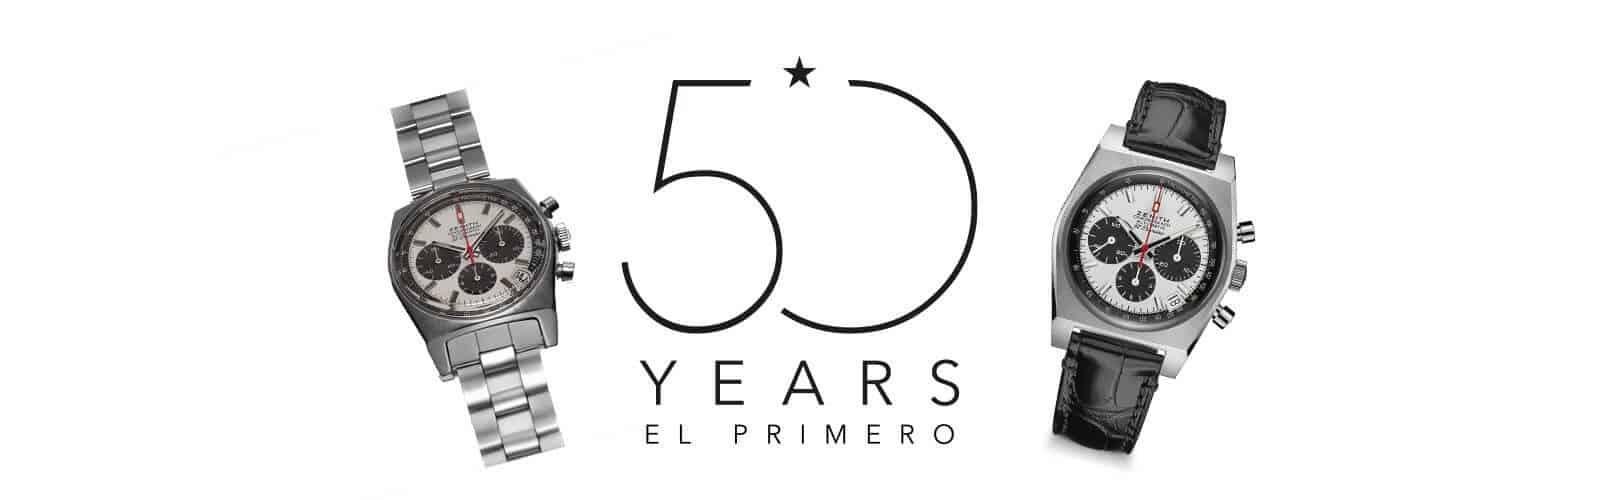 Header für den Initial-Beitrag zu 50 Jahre el Primero